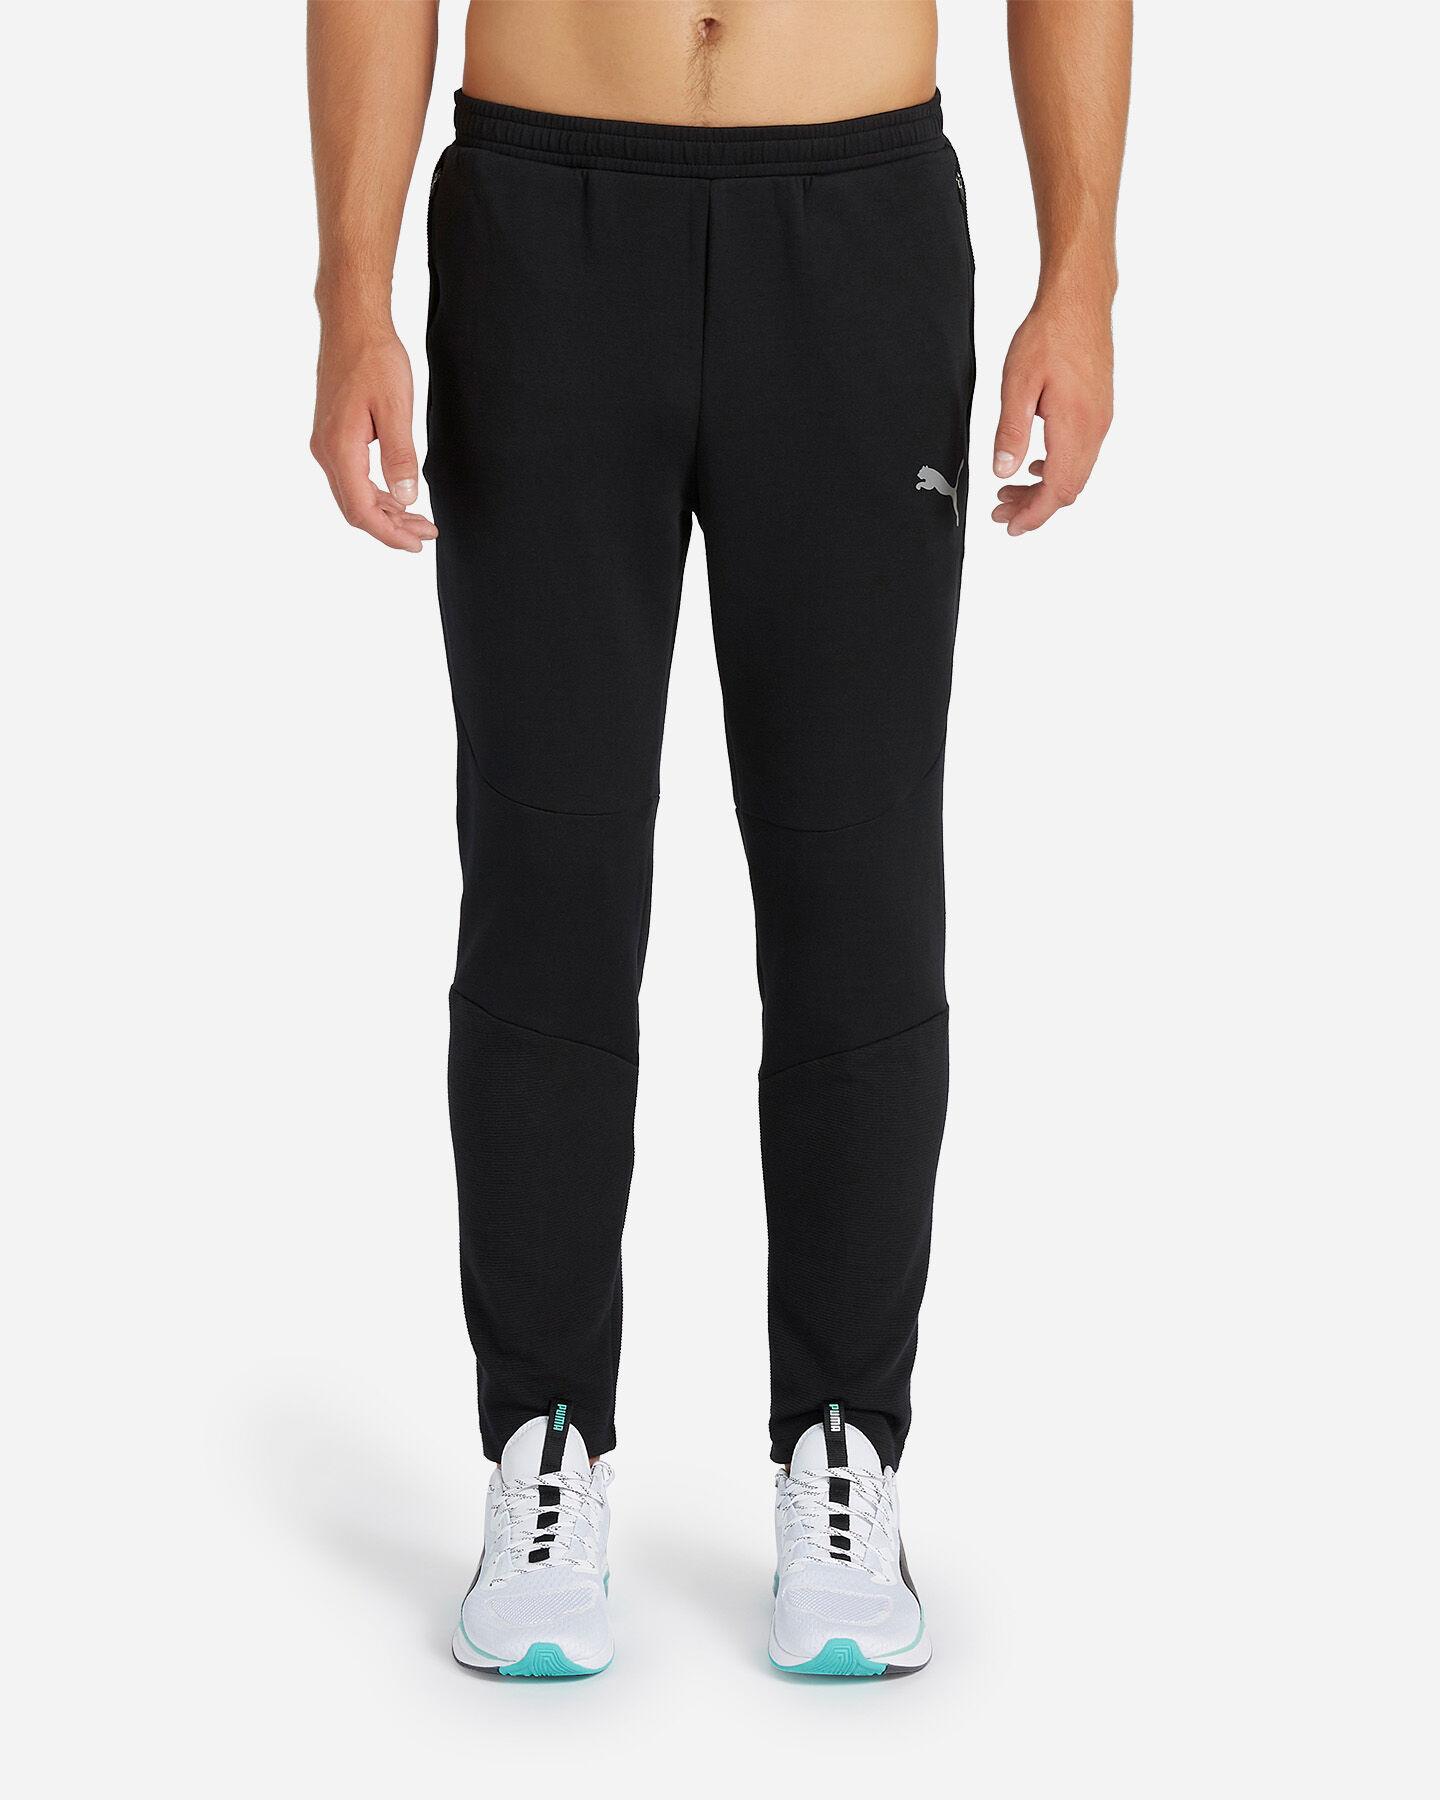 Pantalone PUMA EVOSTRIPE M S5093120 scatto 0